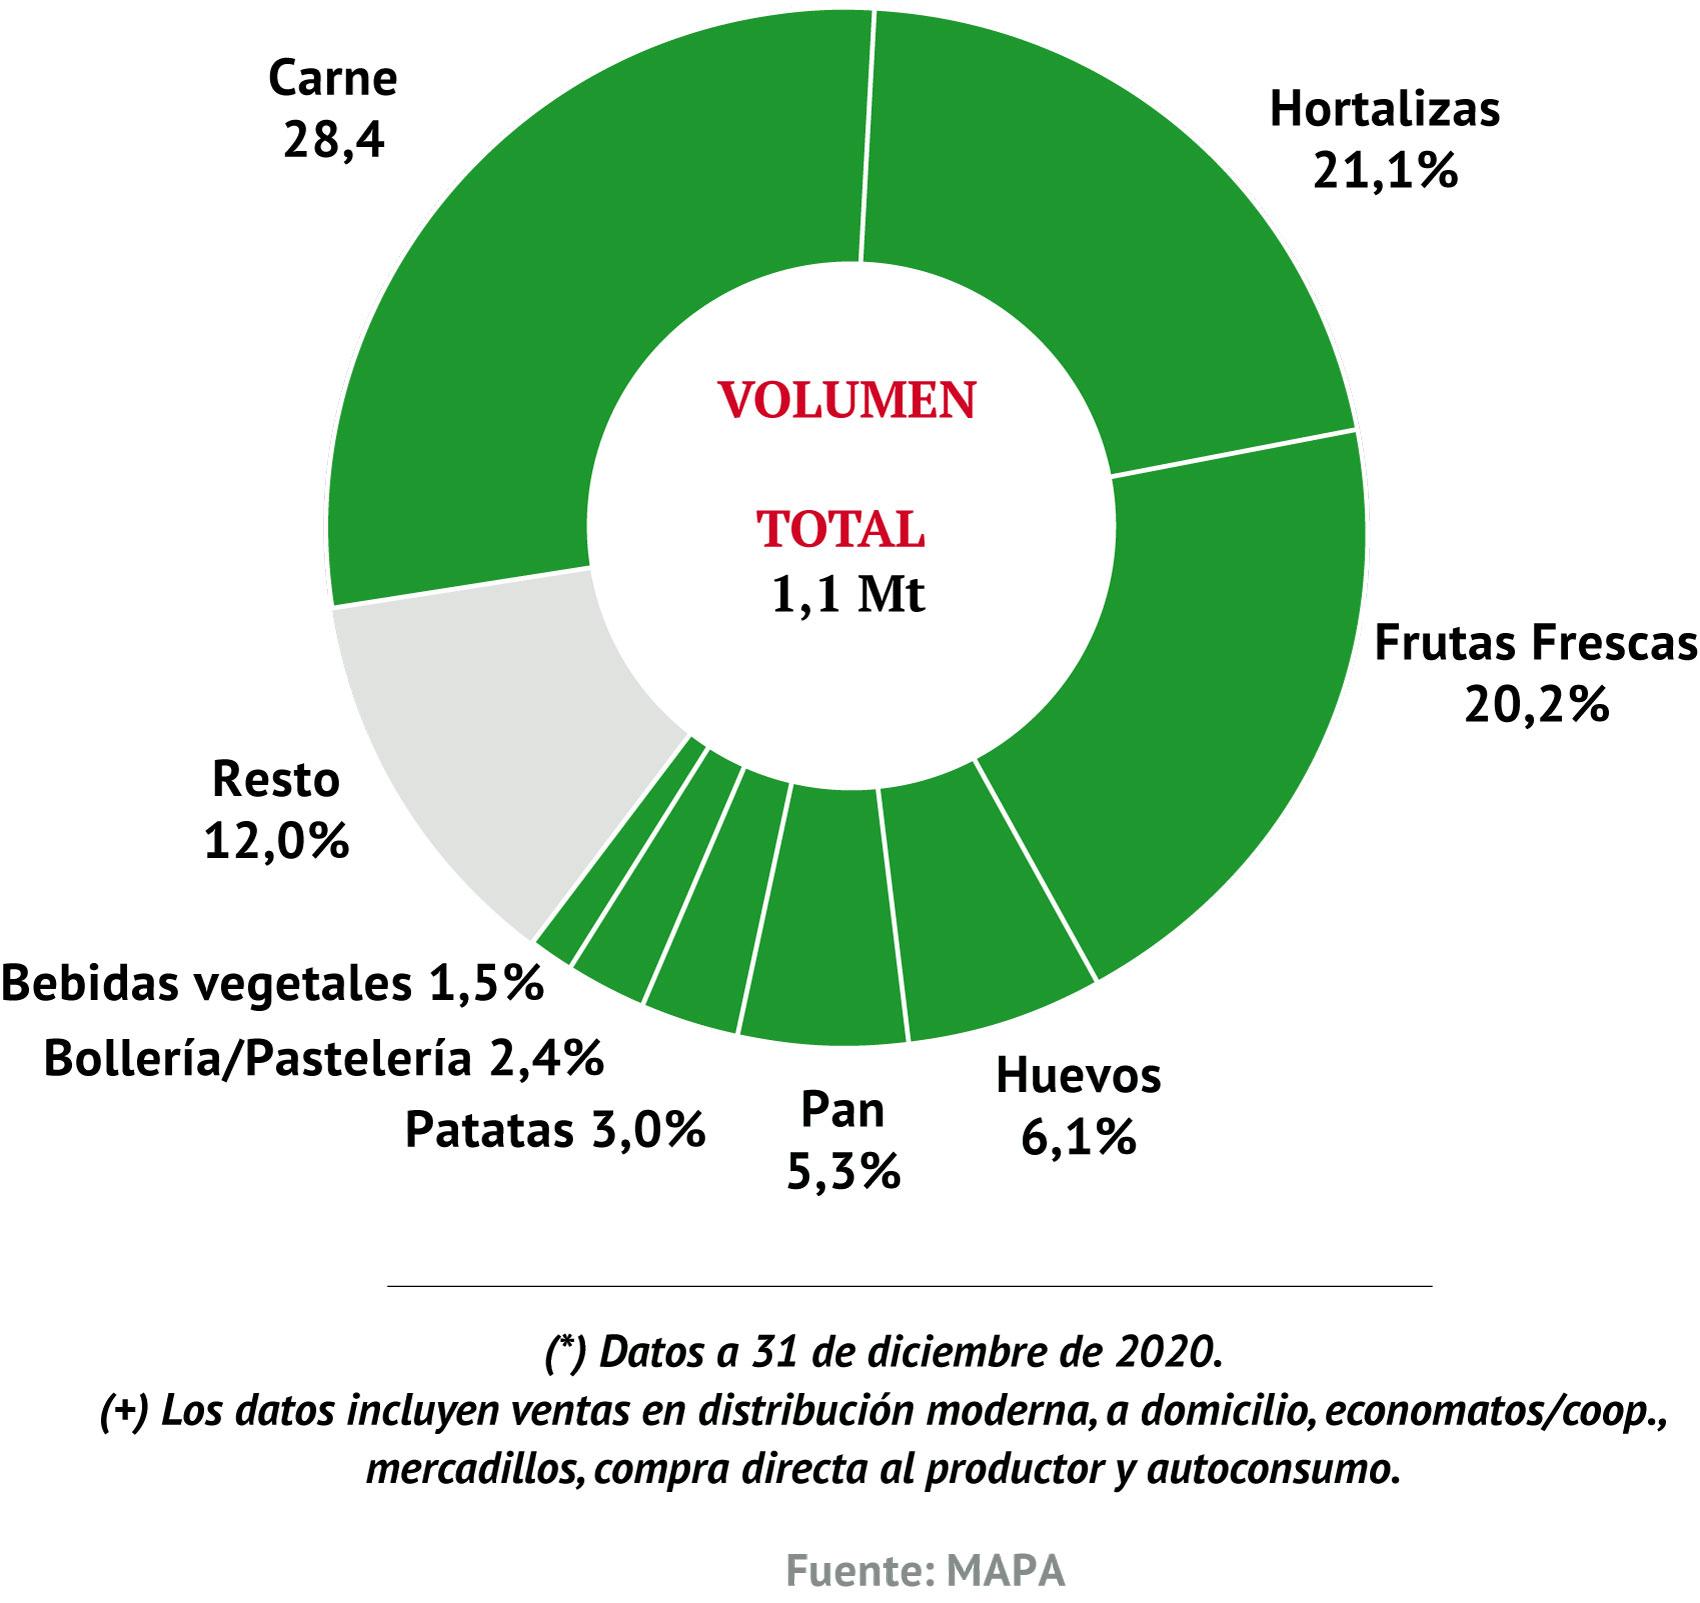 Participación de las diferentes categorías de ecológicos sobre el total del mercado ecológico (volumen) (*) (+)